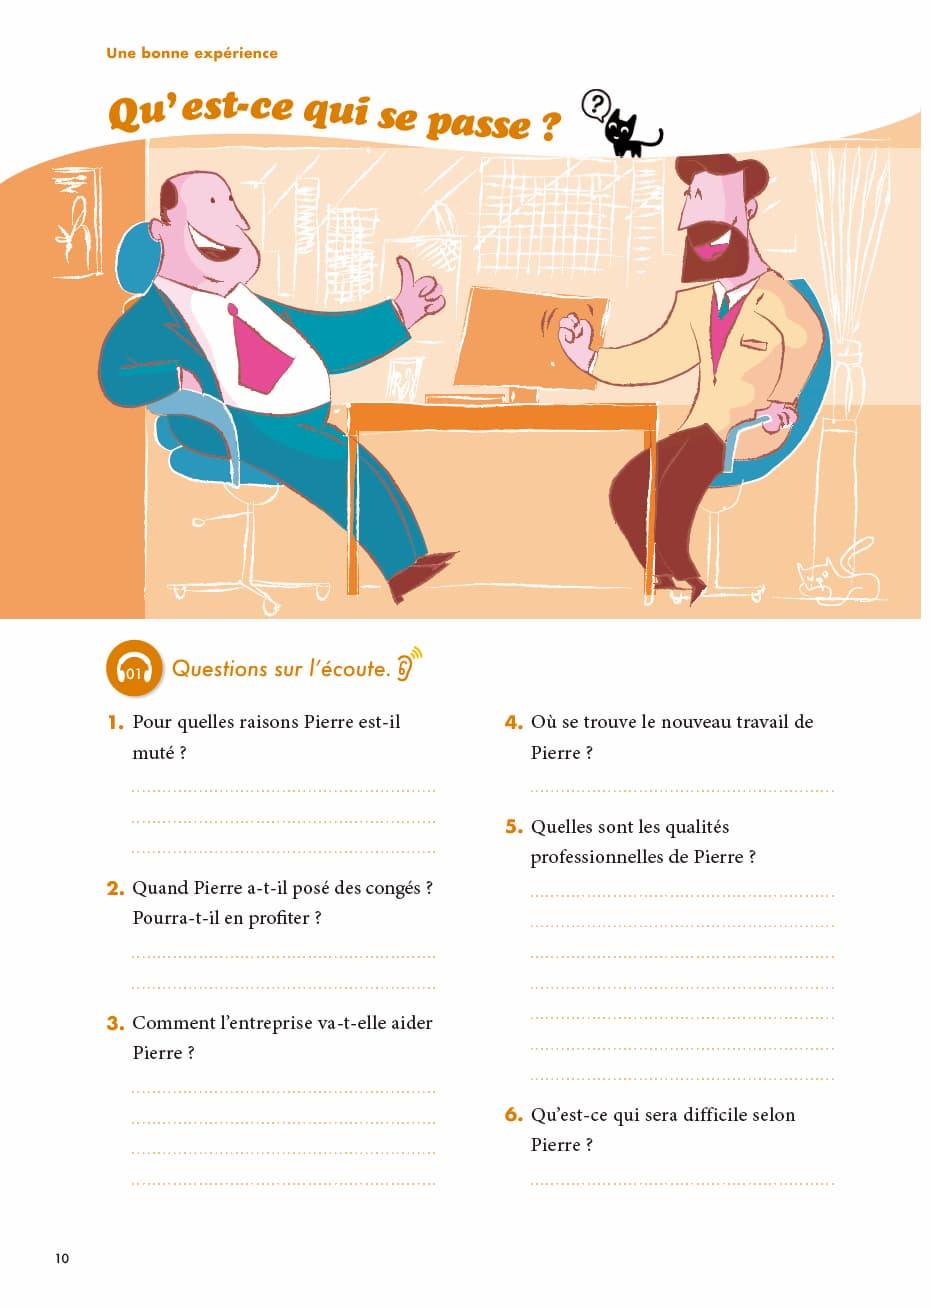 エコールサンパのフランス語教材「C'est sympa livret 9」の10ページ目